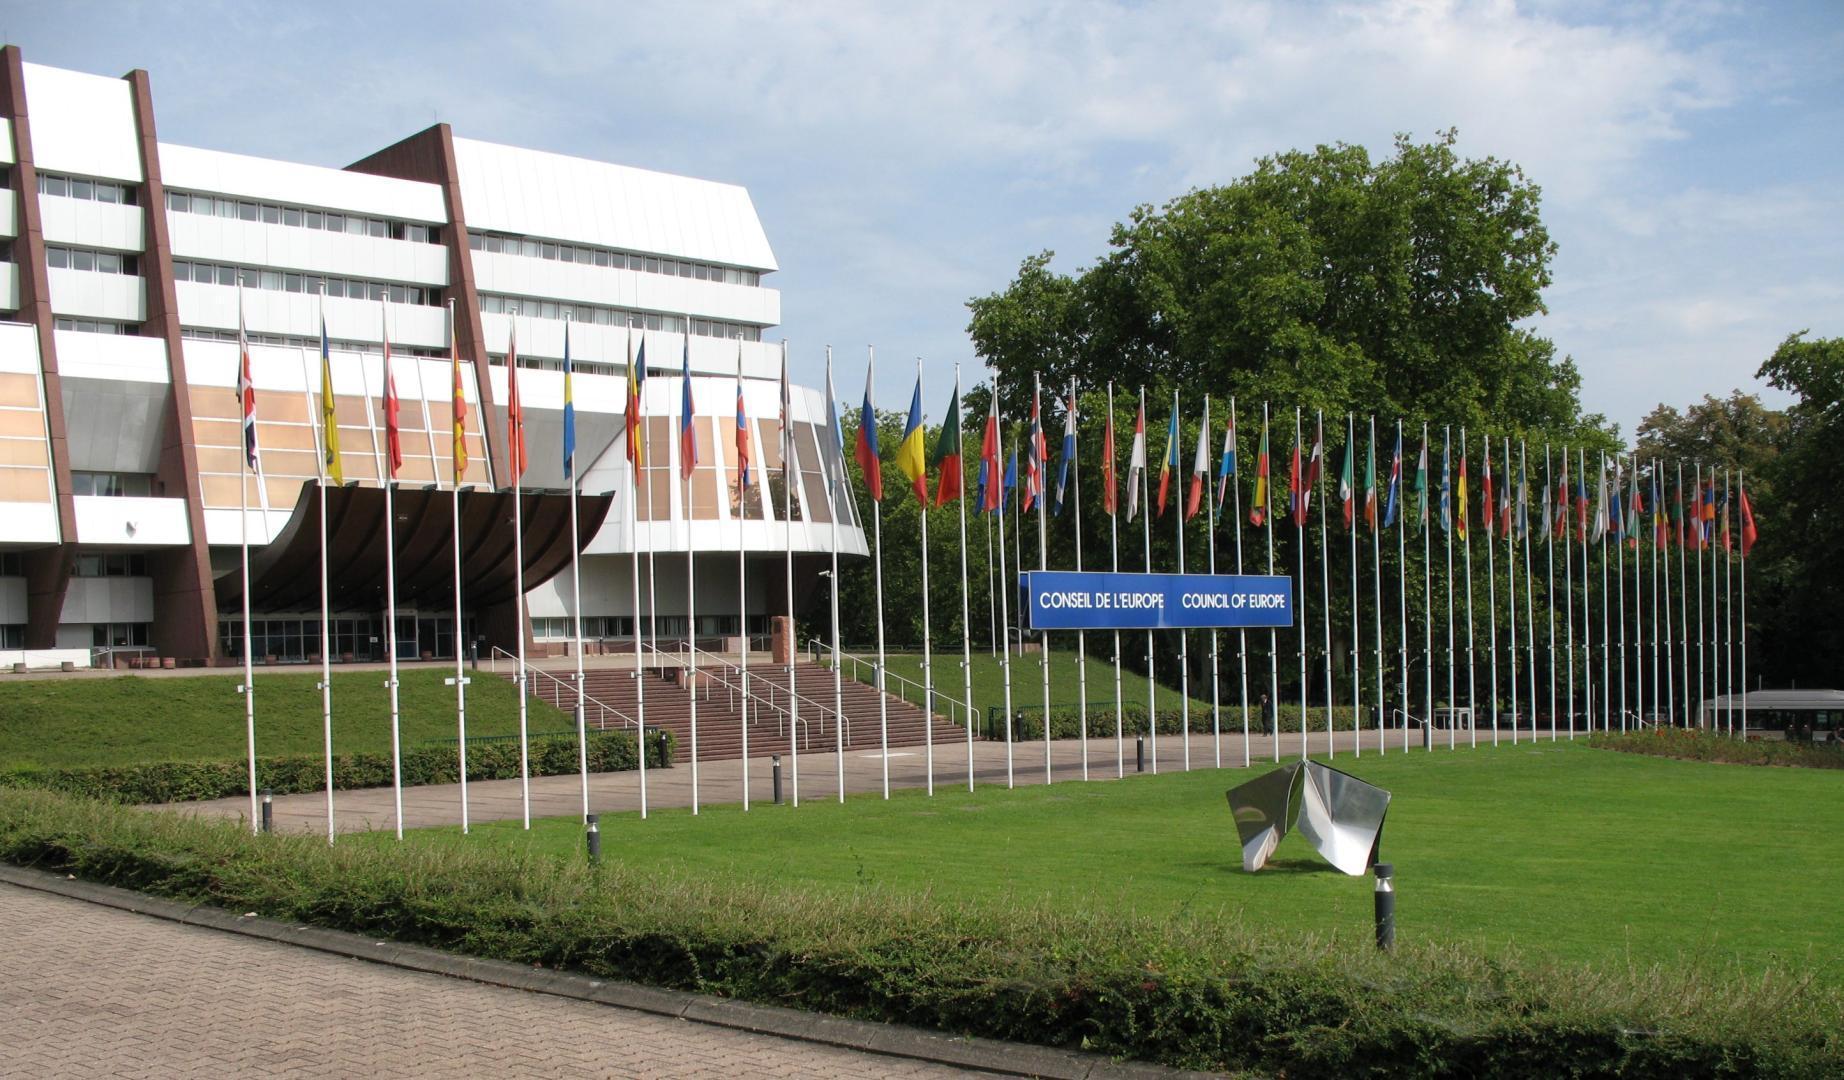 Consiliul Europei, boicotat financiar de Federația Rusă